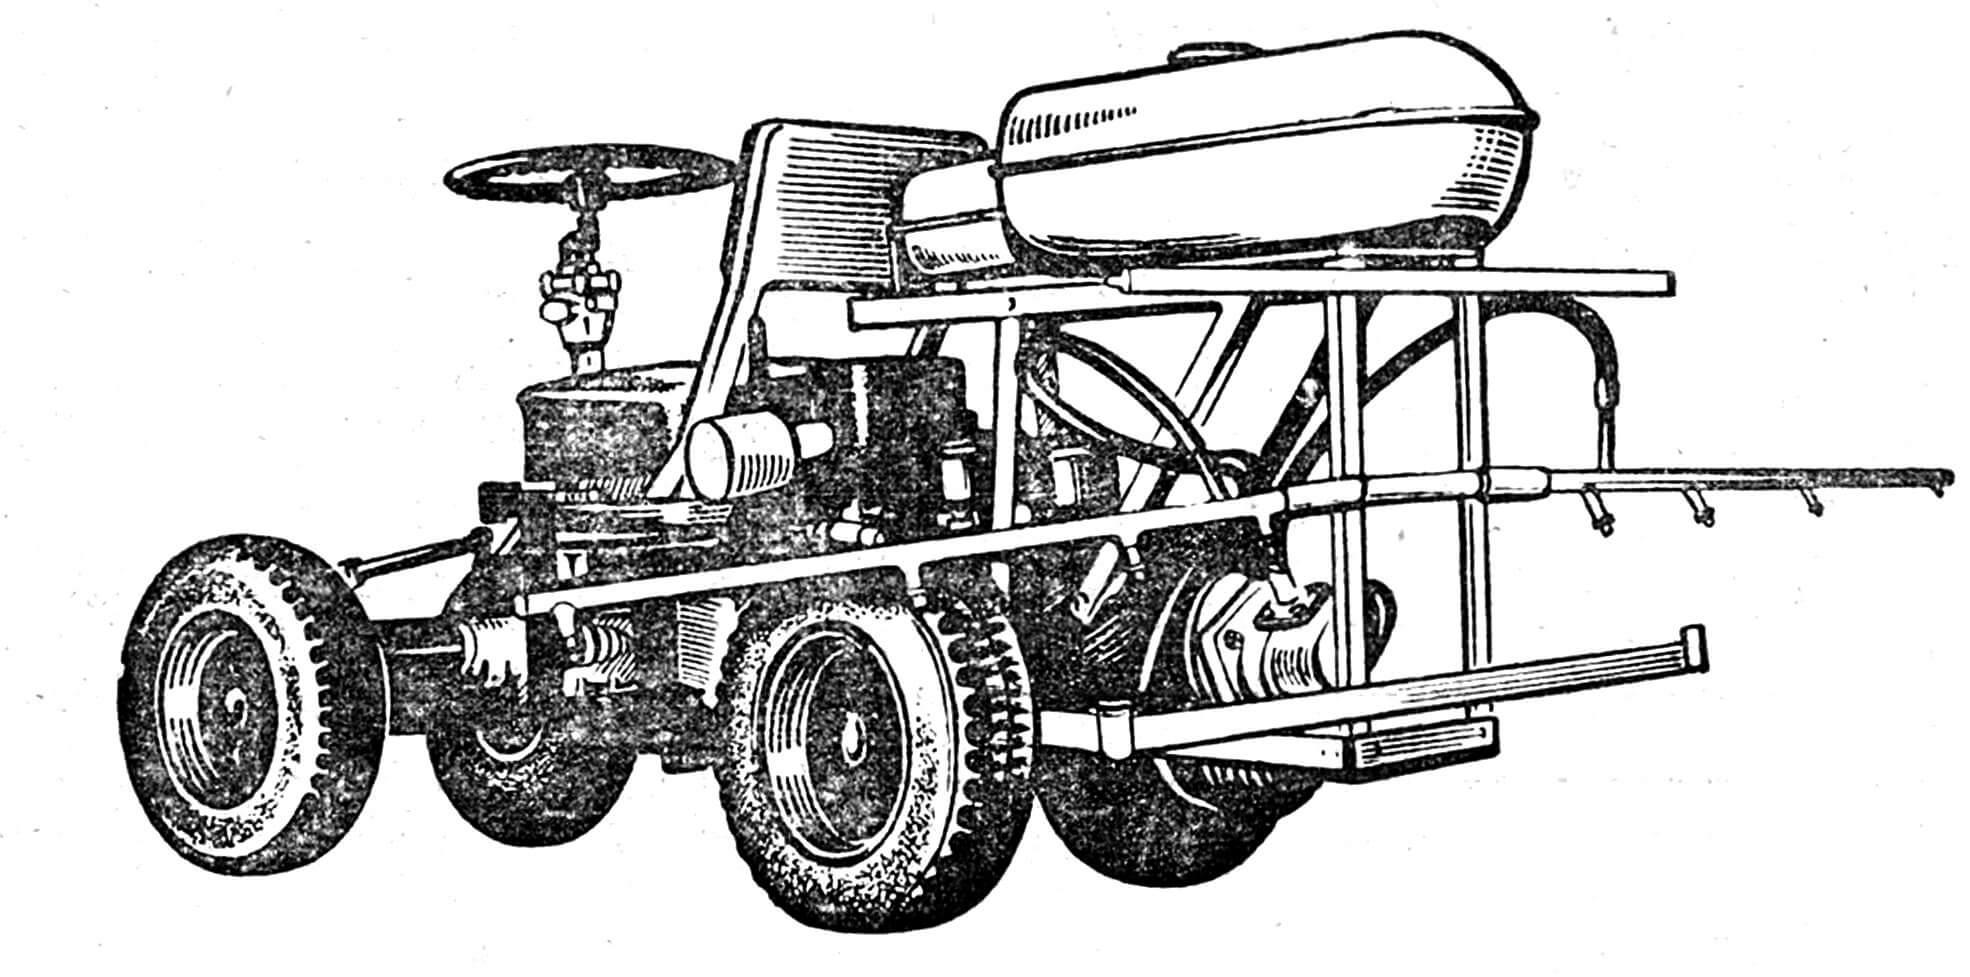 Рис. 1. Опрыскиватель на базе трактора «Риони», сделанный в средней школе № 15 Динского района Краснодарского края.